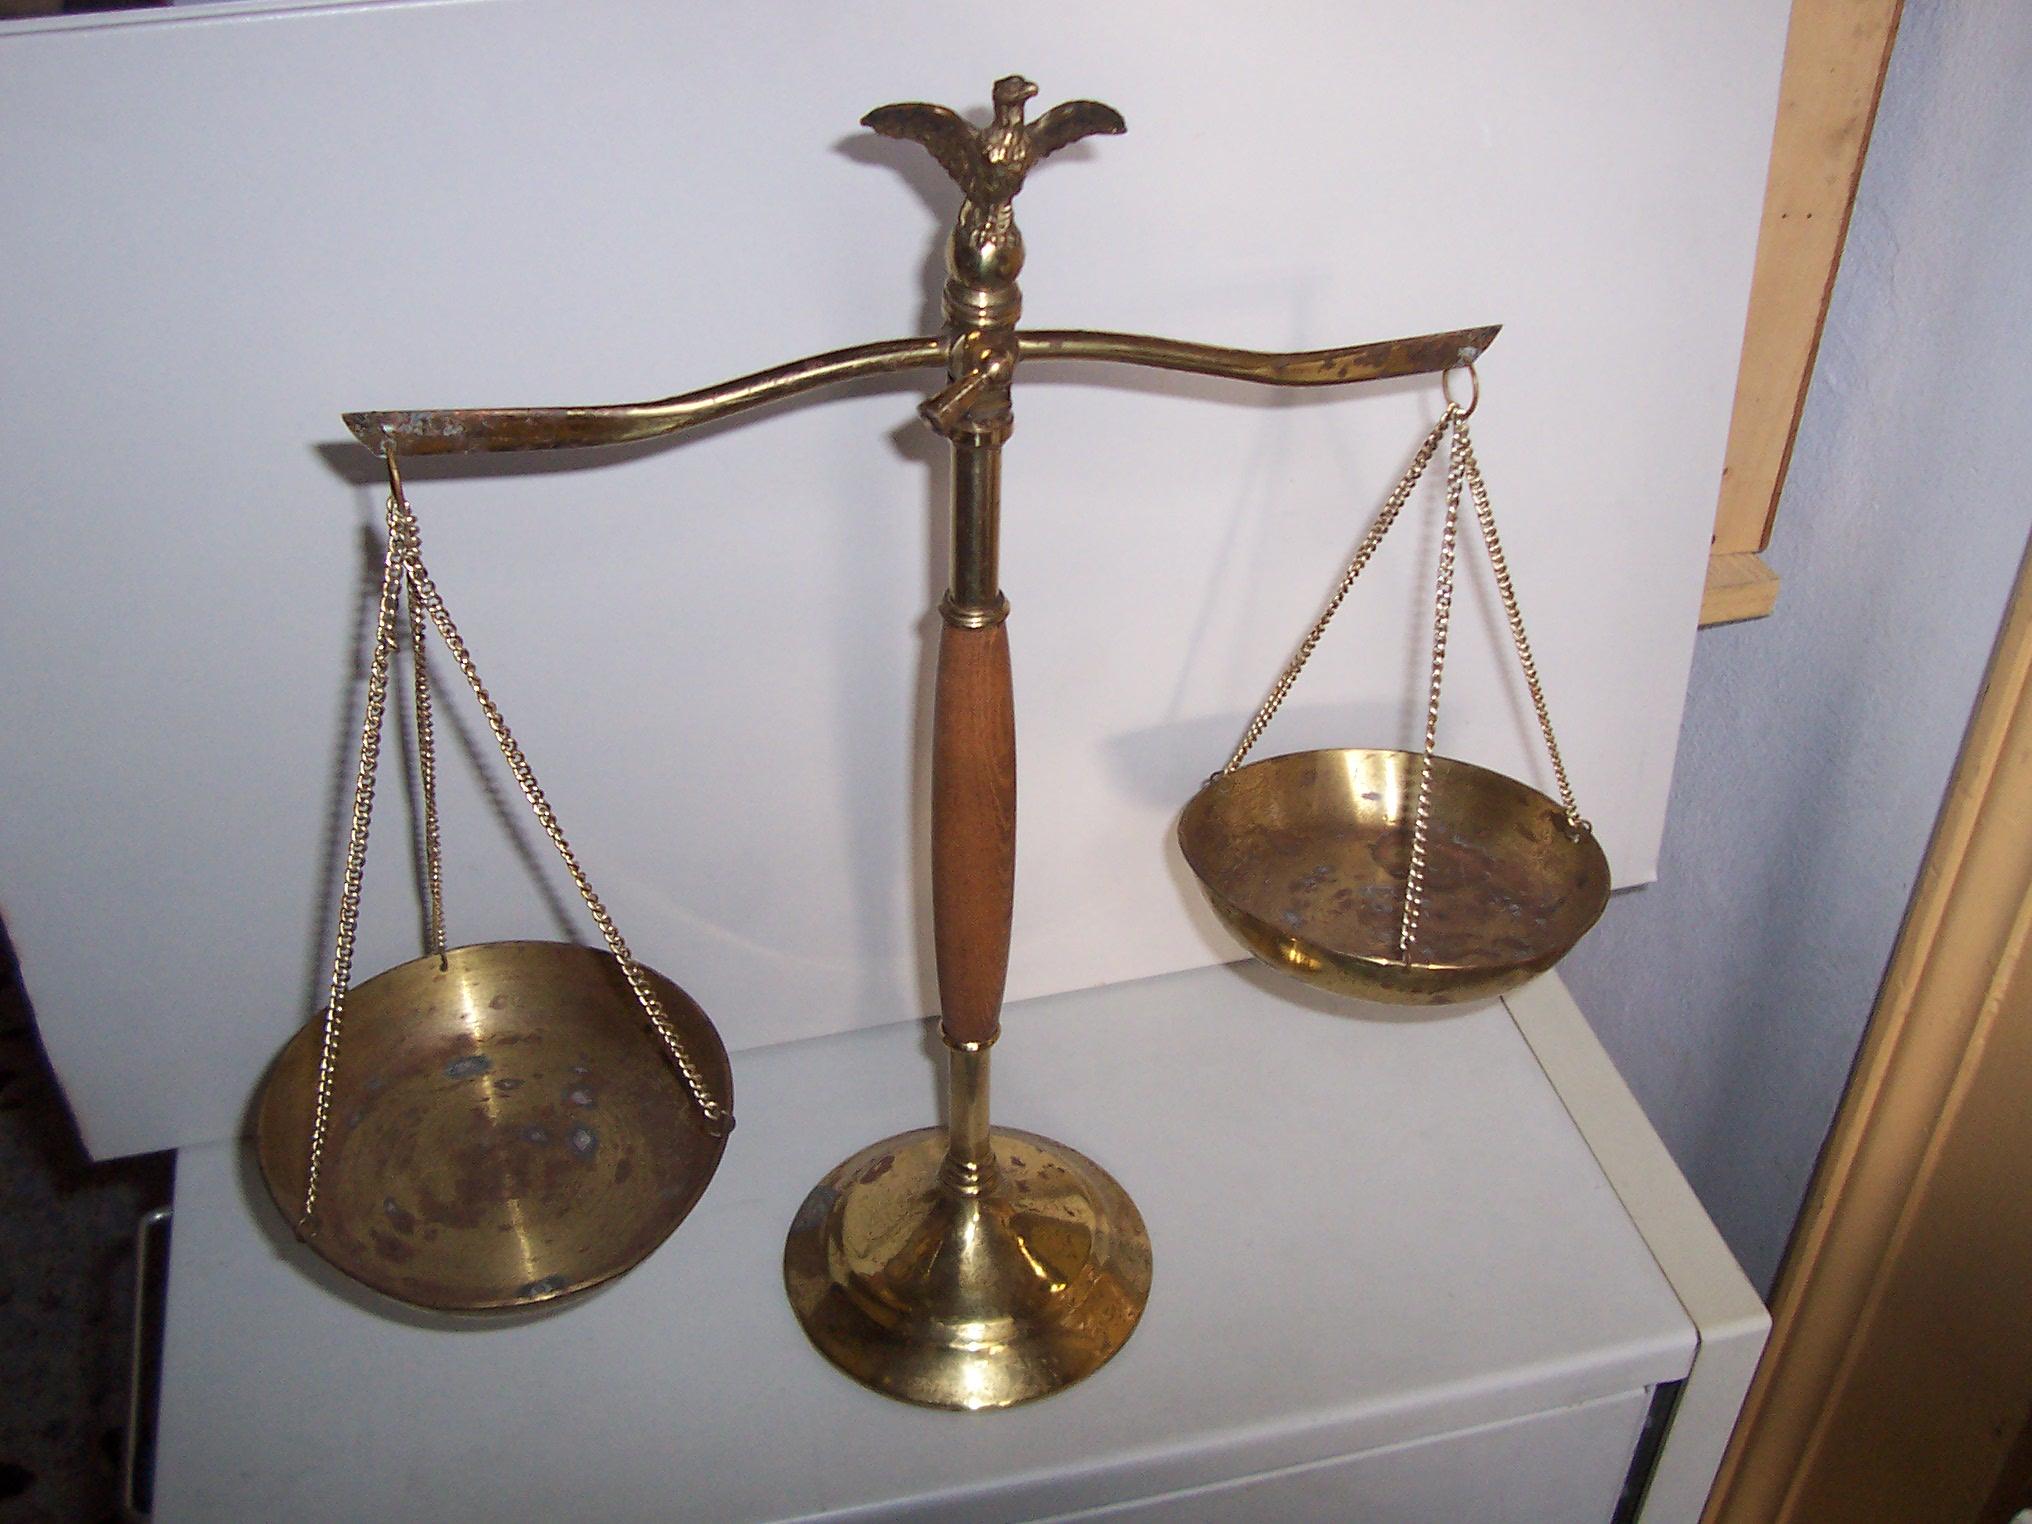 La-Bilancia-della-giustizia-04-02-2011-001